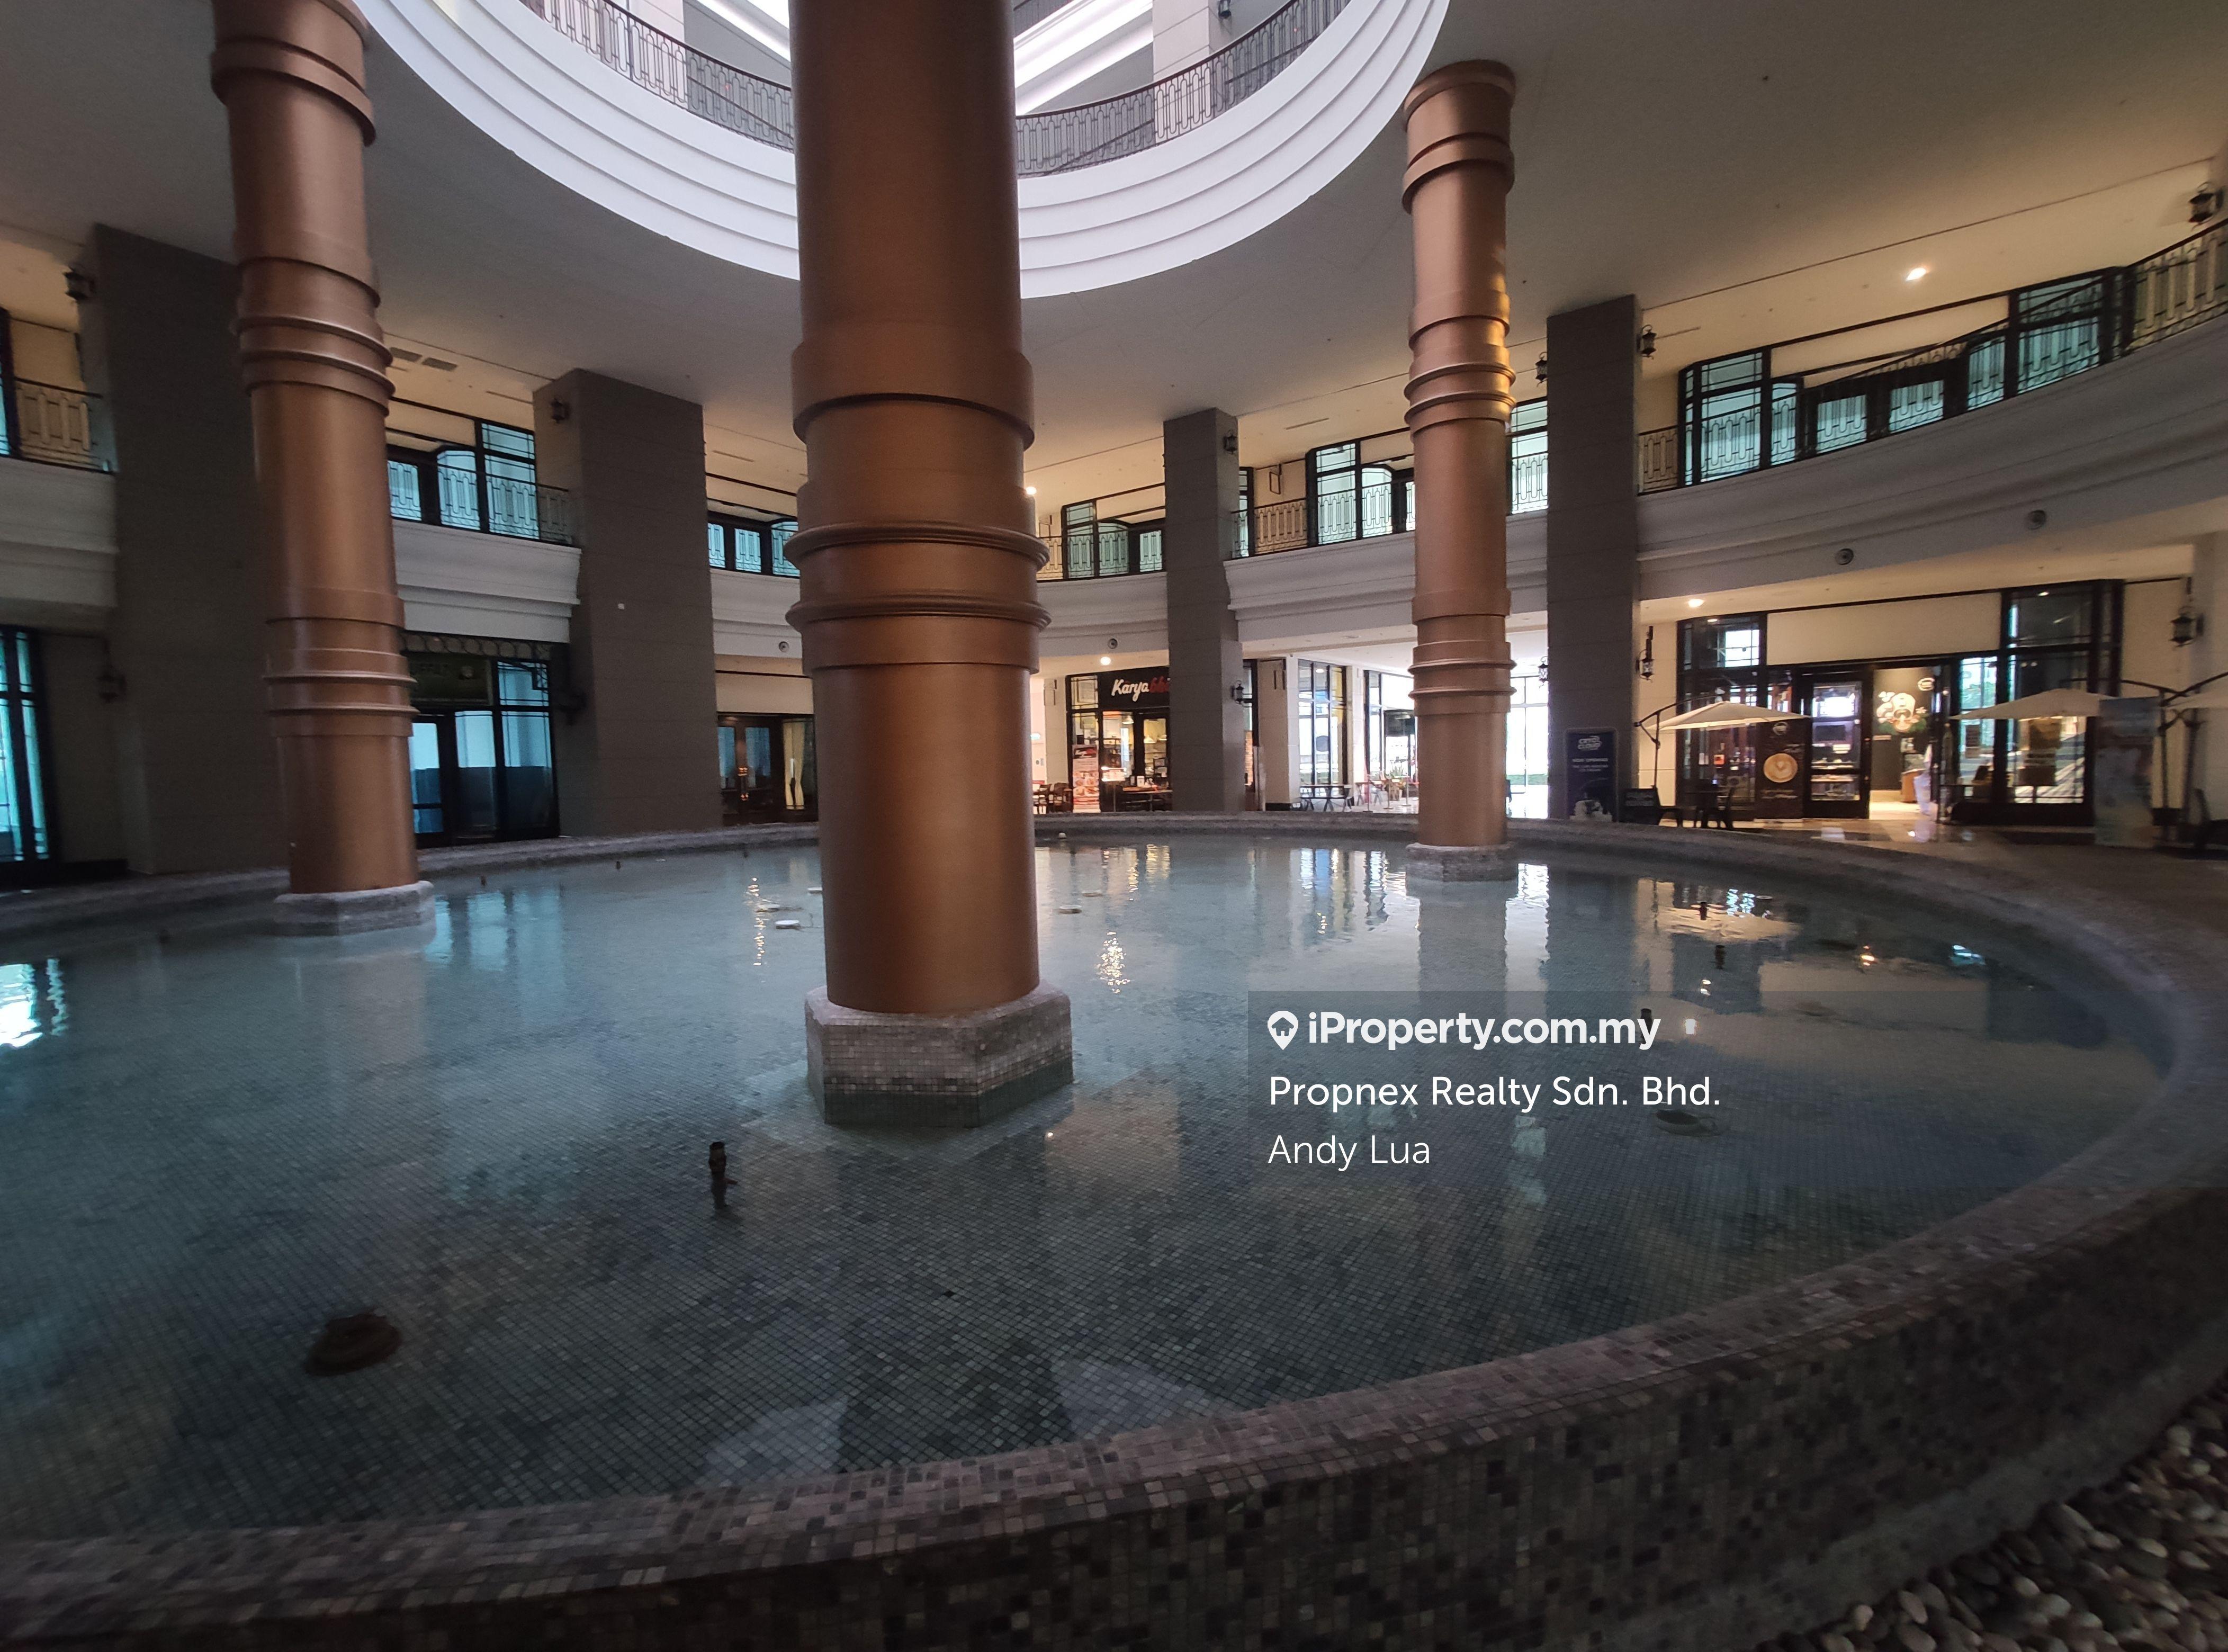 Shaftsbury Putrajaya Mall, Putrajaya